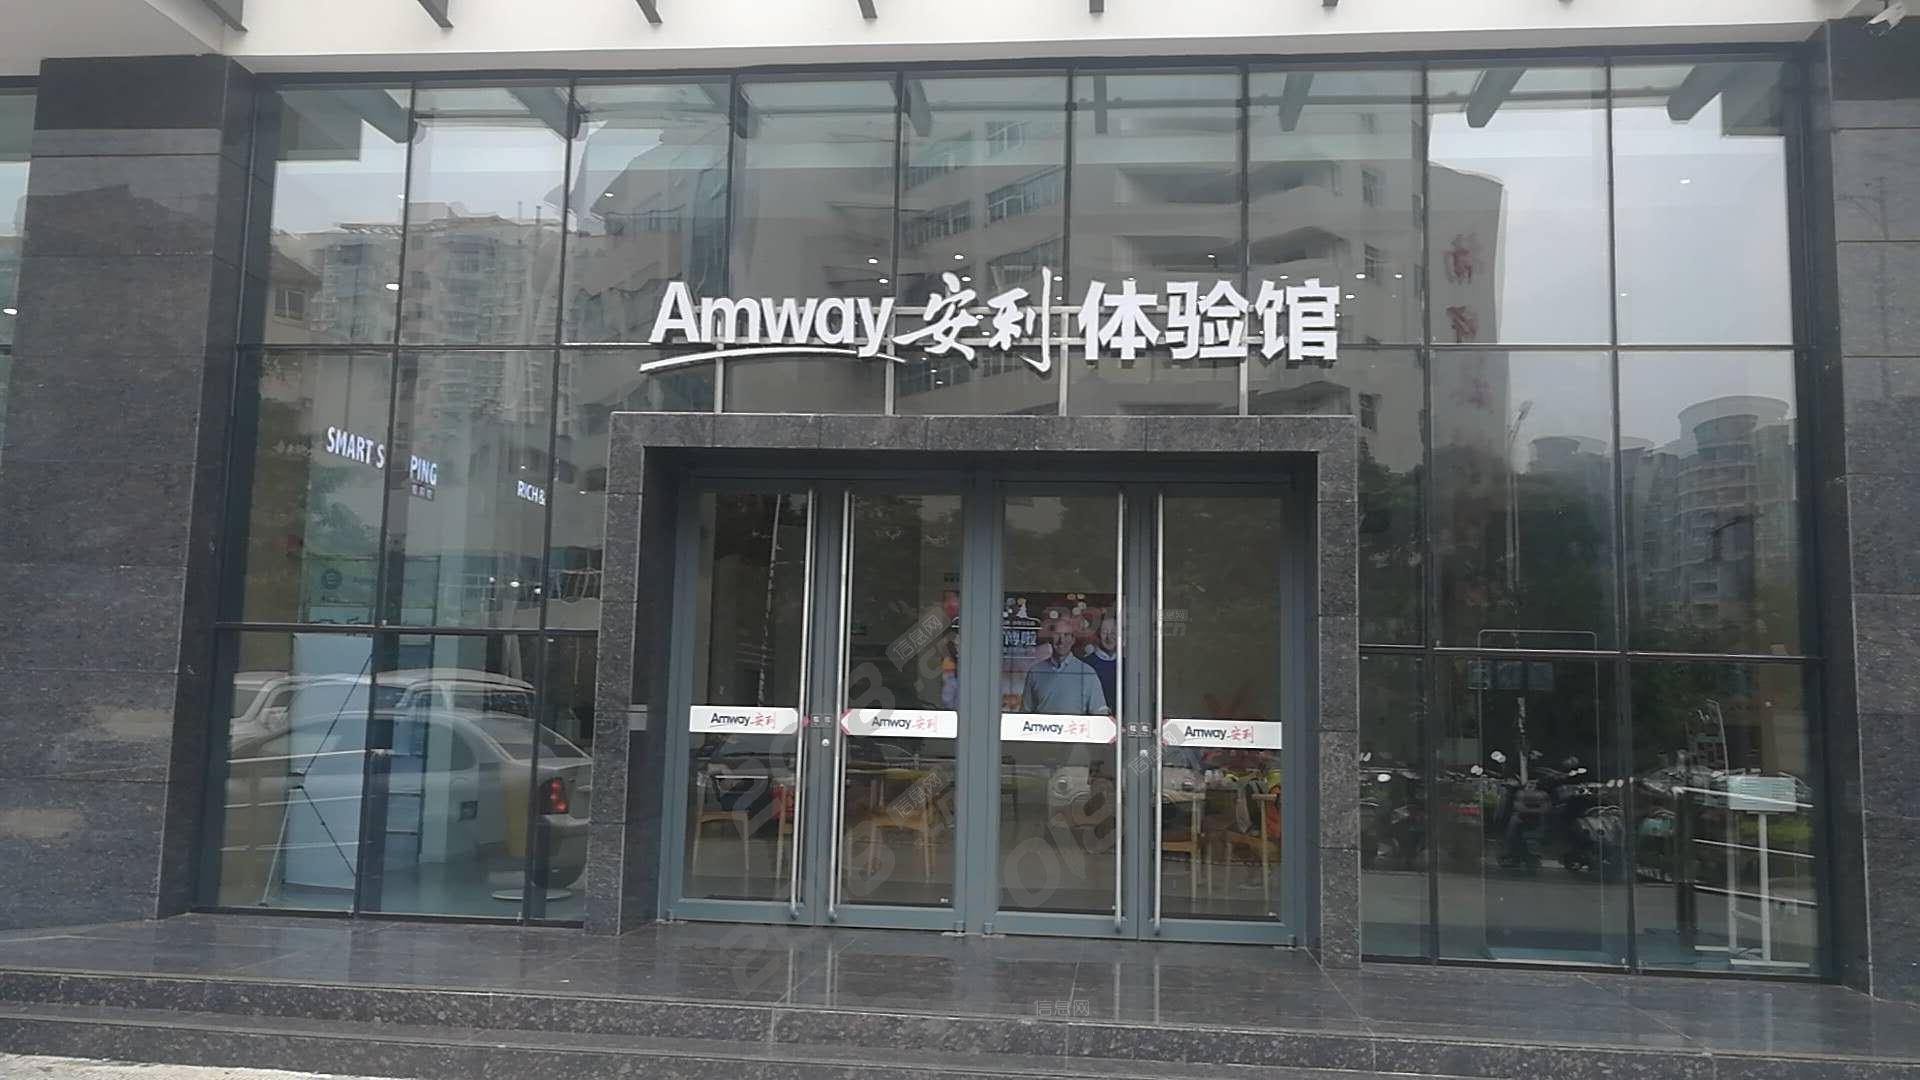 长春德惠市天台镇周边有没有安利专卖店联系方式